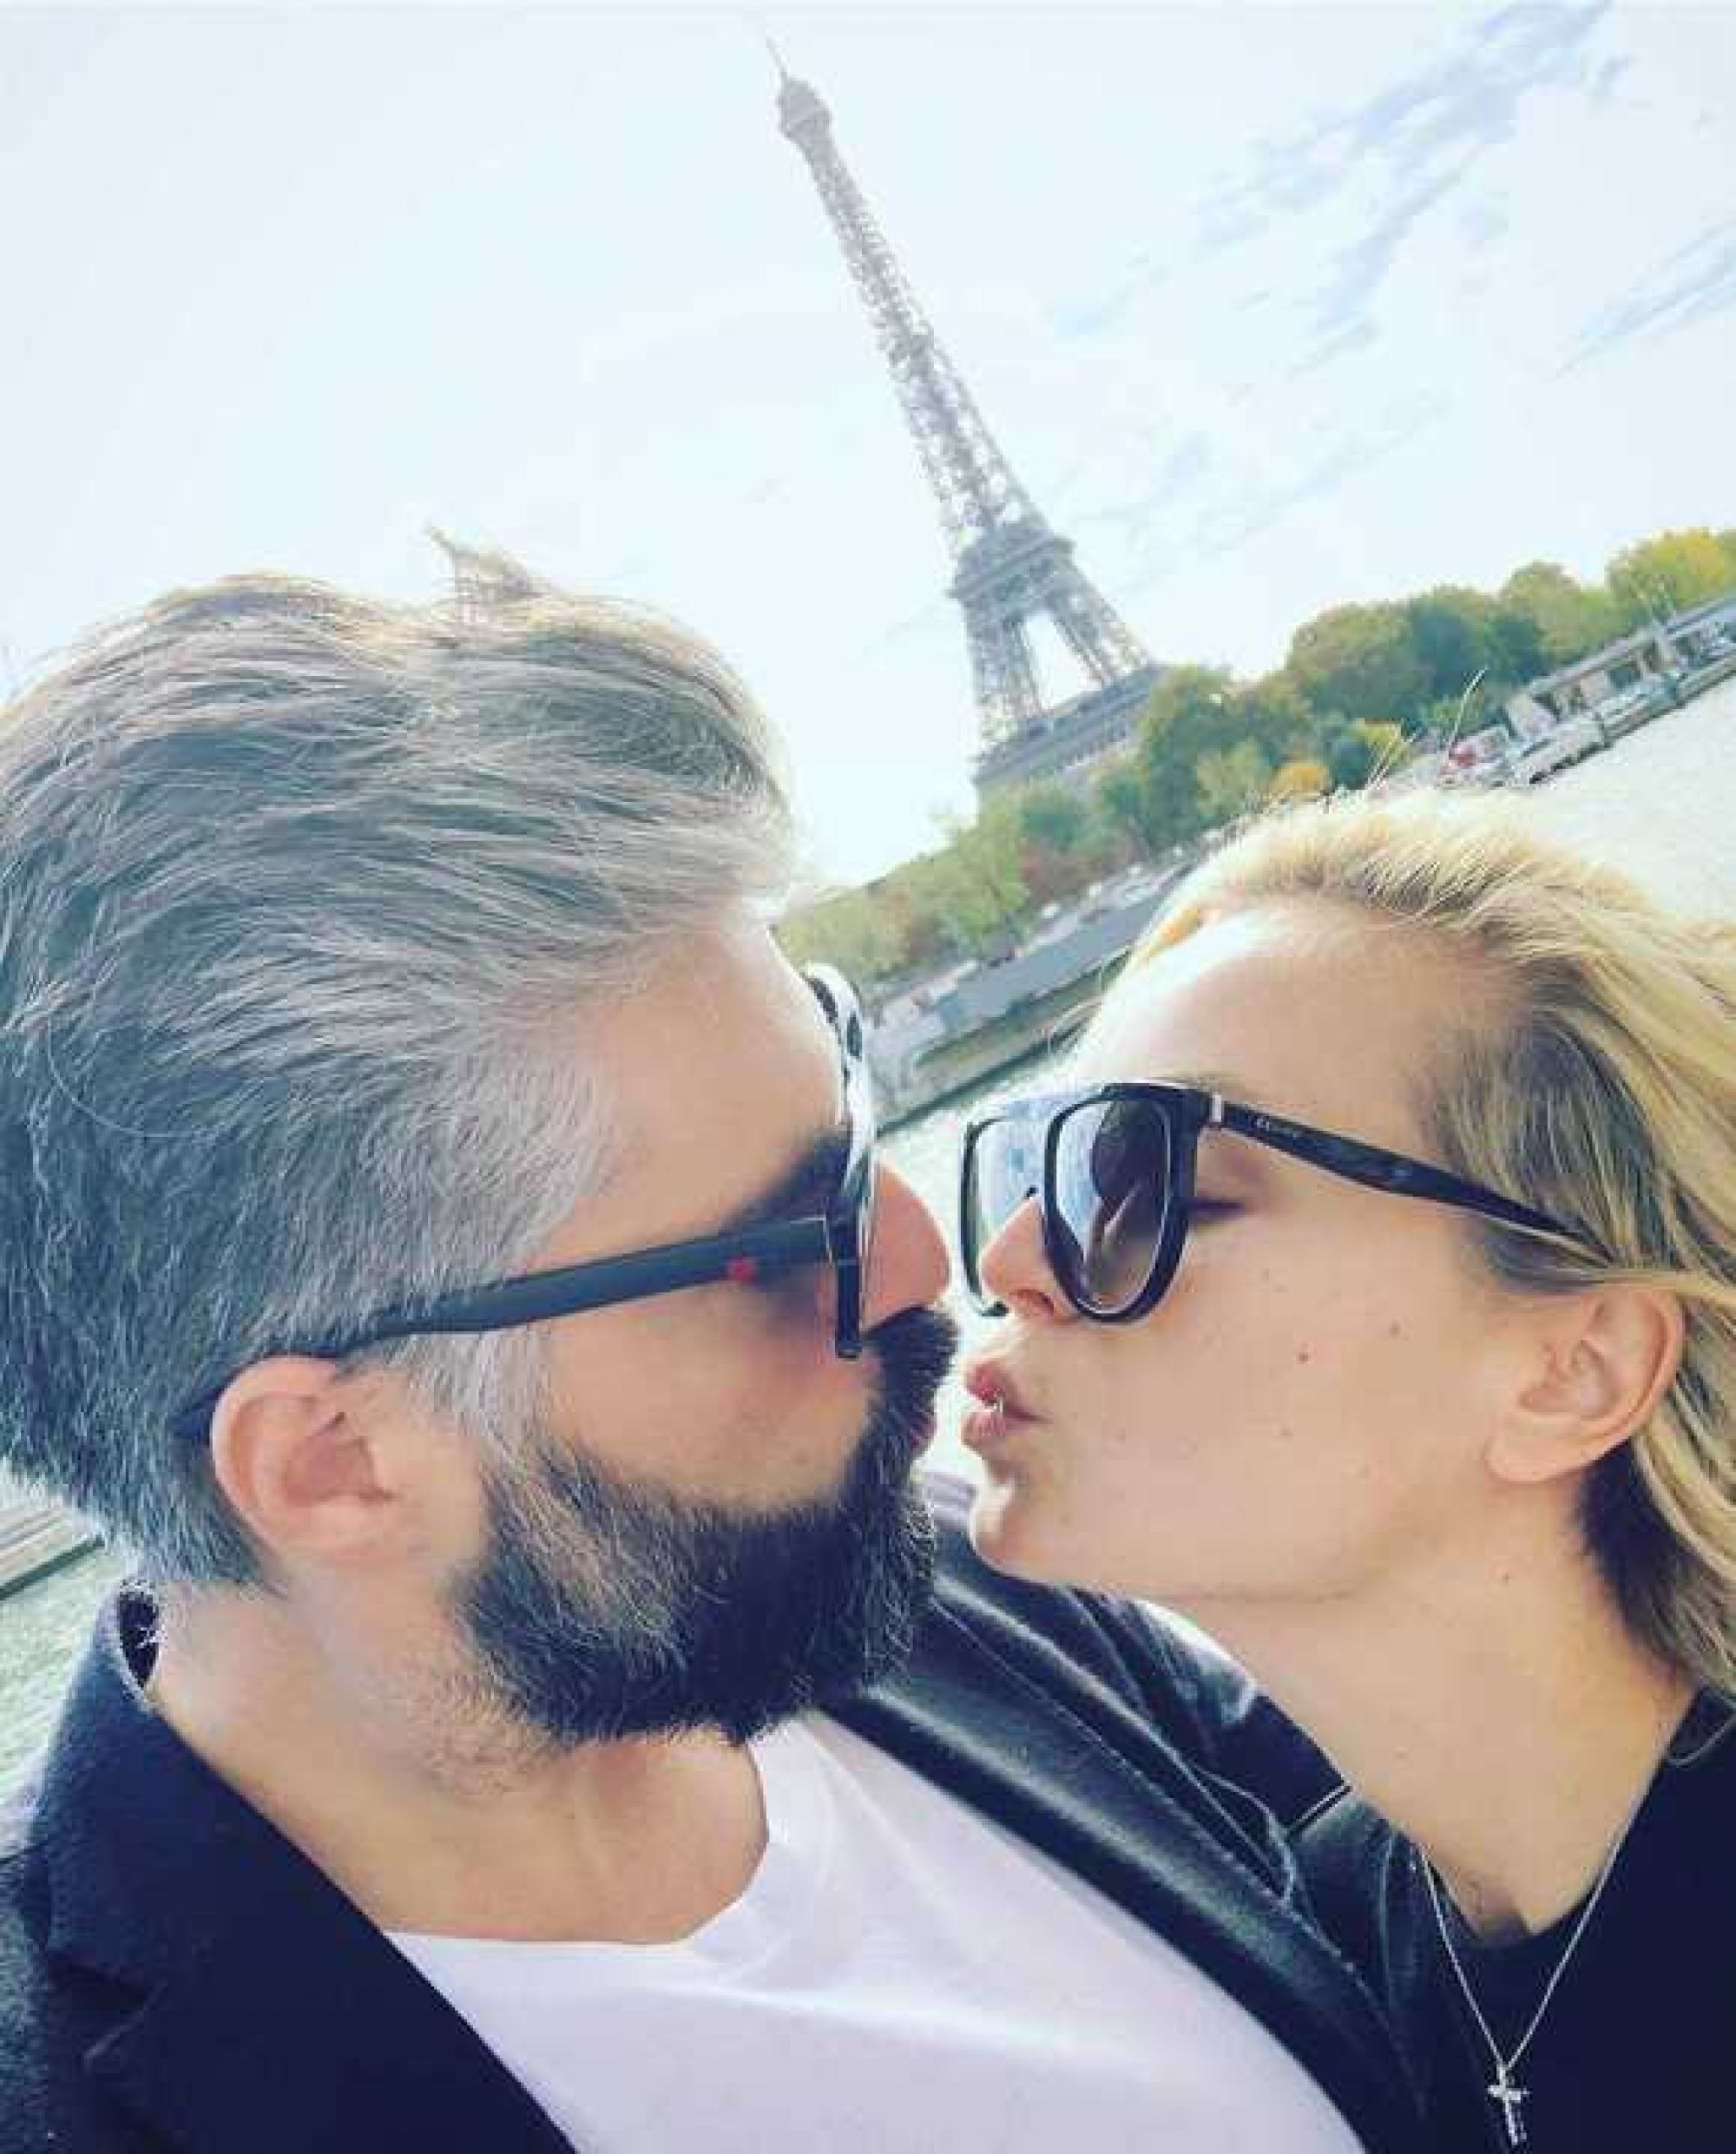 Дмитрий Исхаков официально объявил о разводе с Полиной Гагариной